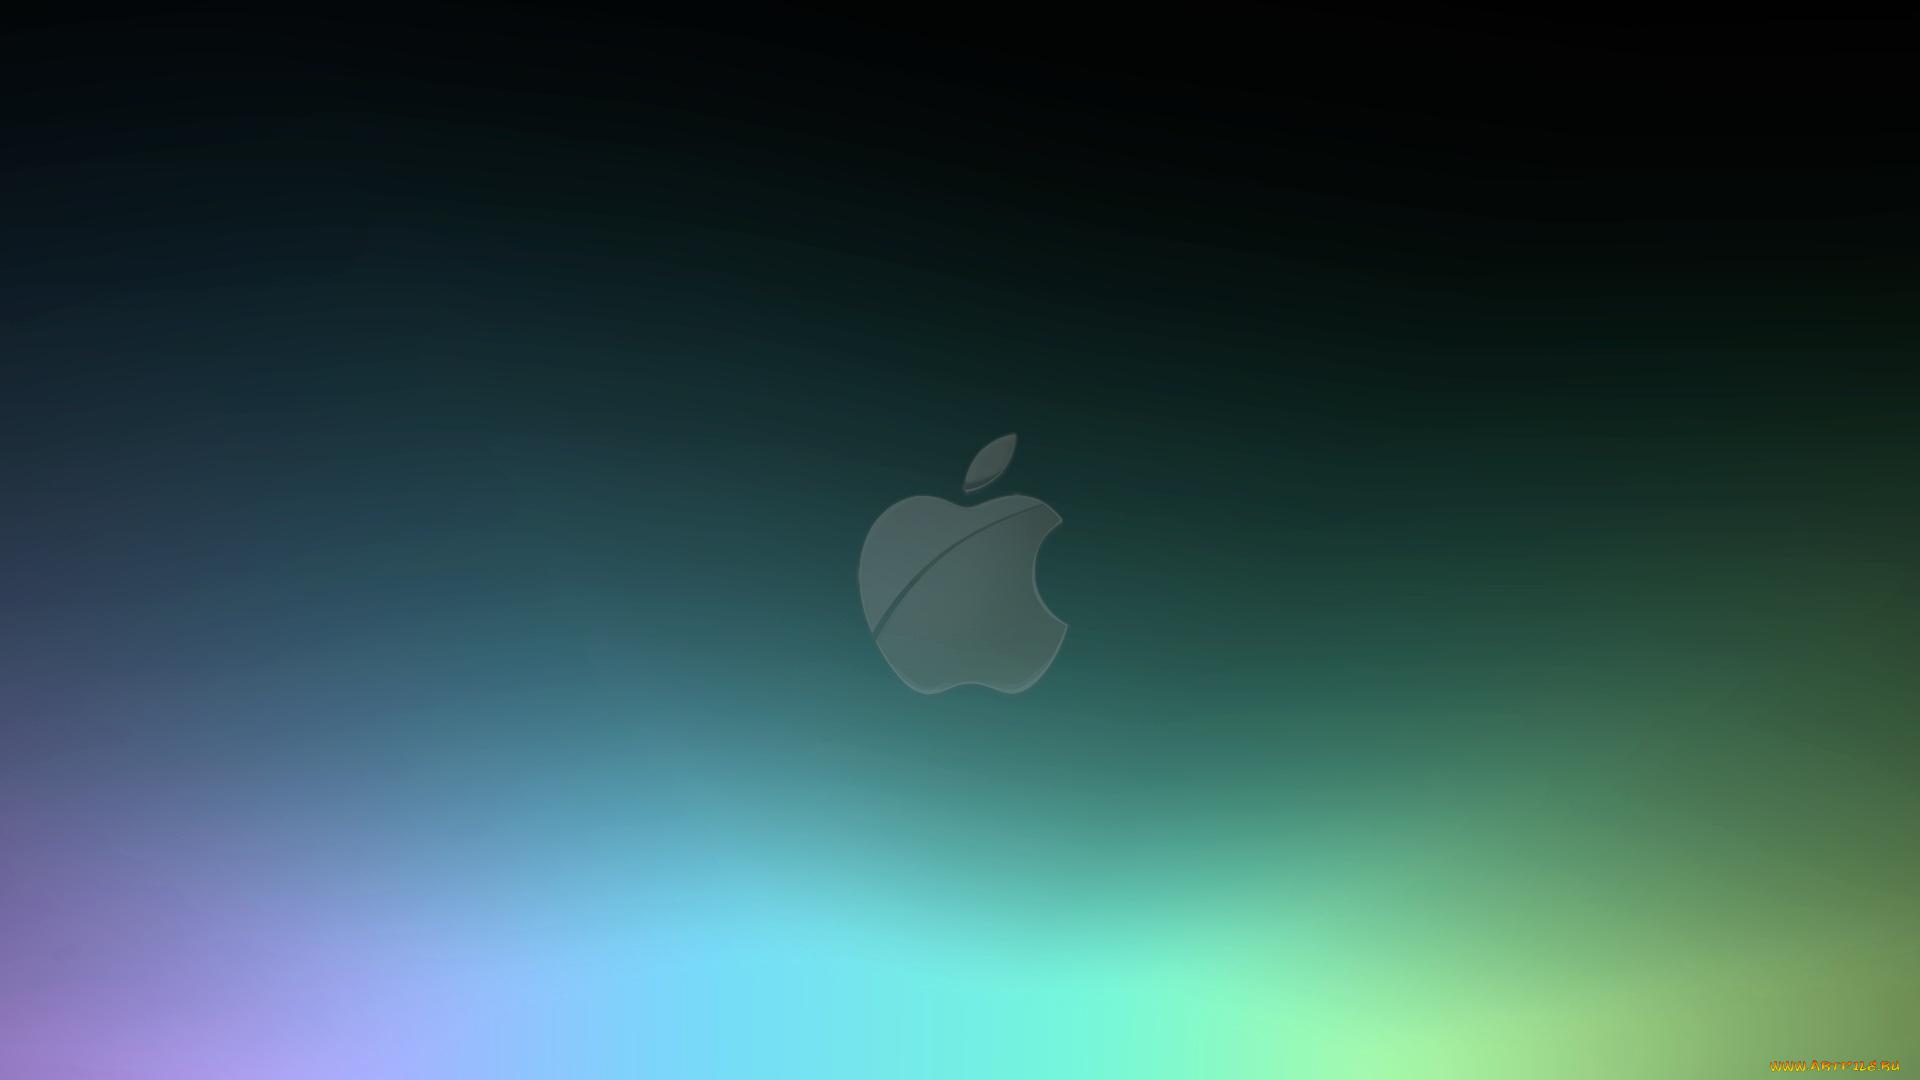 золотое яблоко анонимно